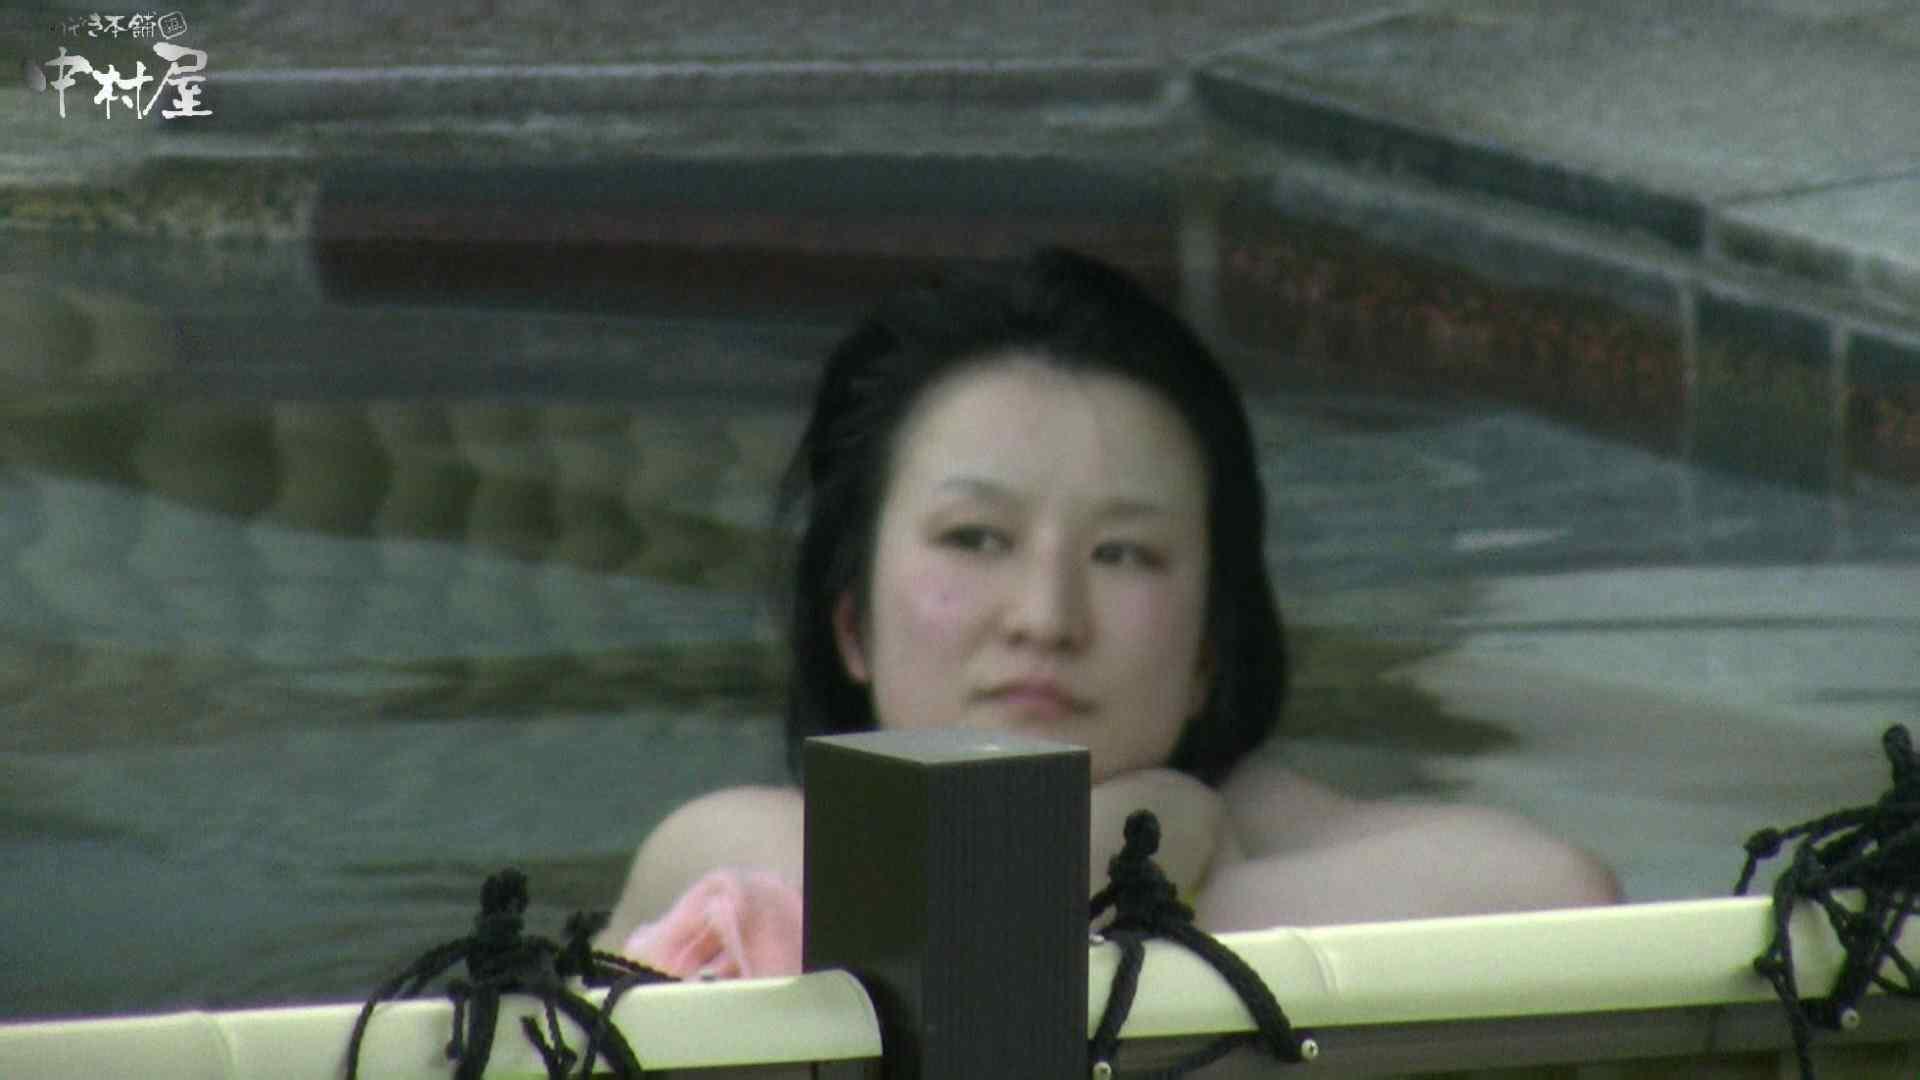 Aquaな露天風呂Vol.982 美しいOLの裸体   盗撮師作品  78pic 70